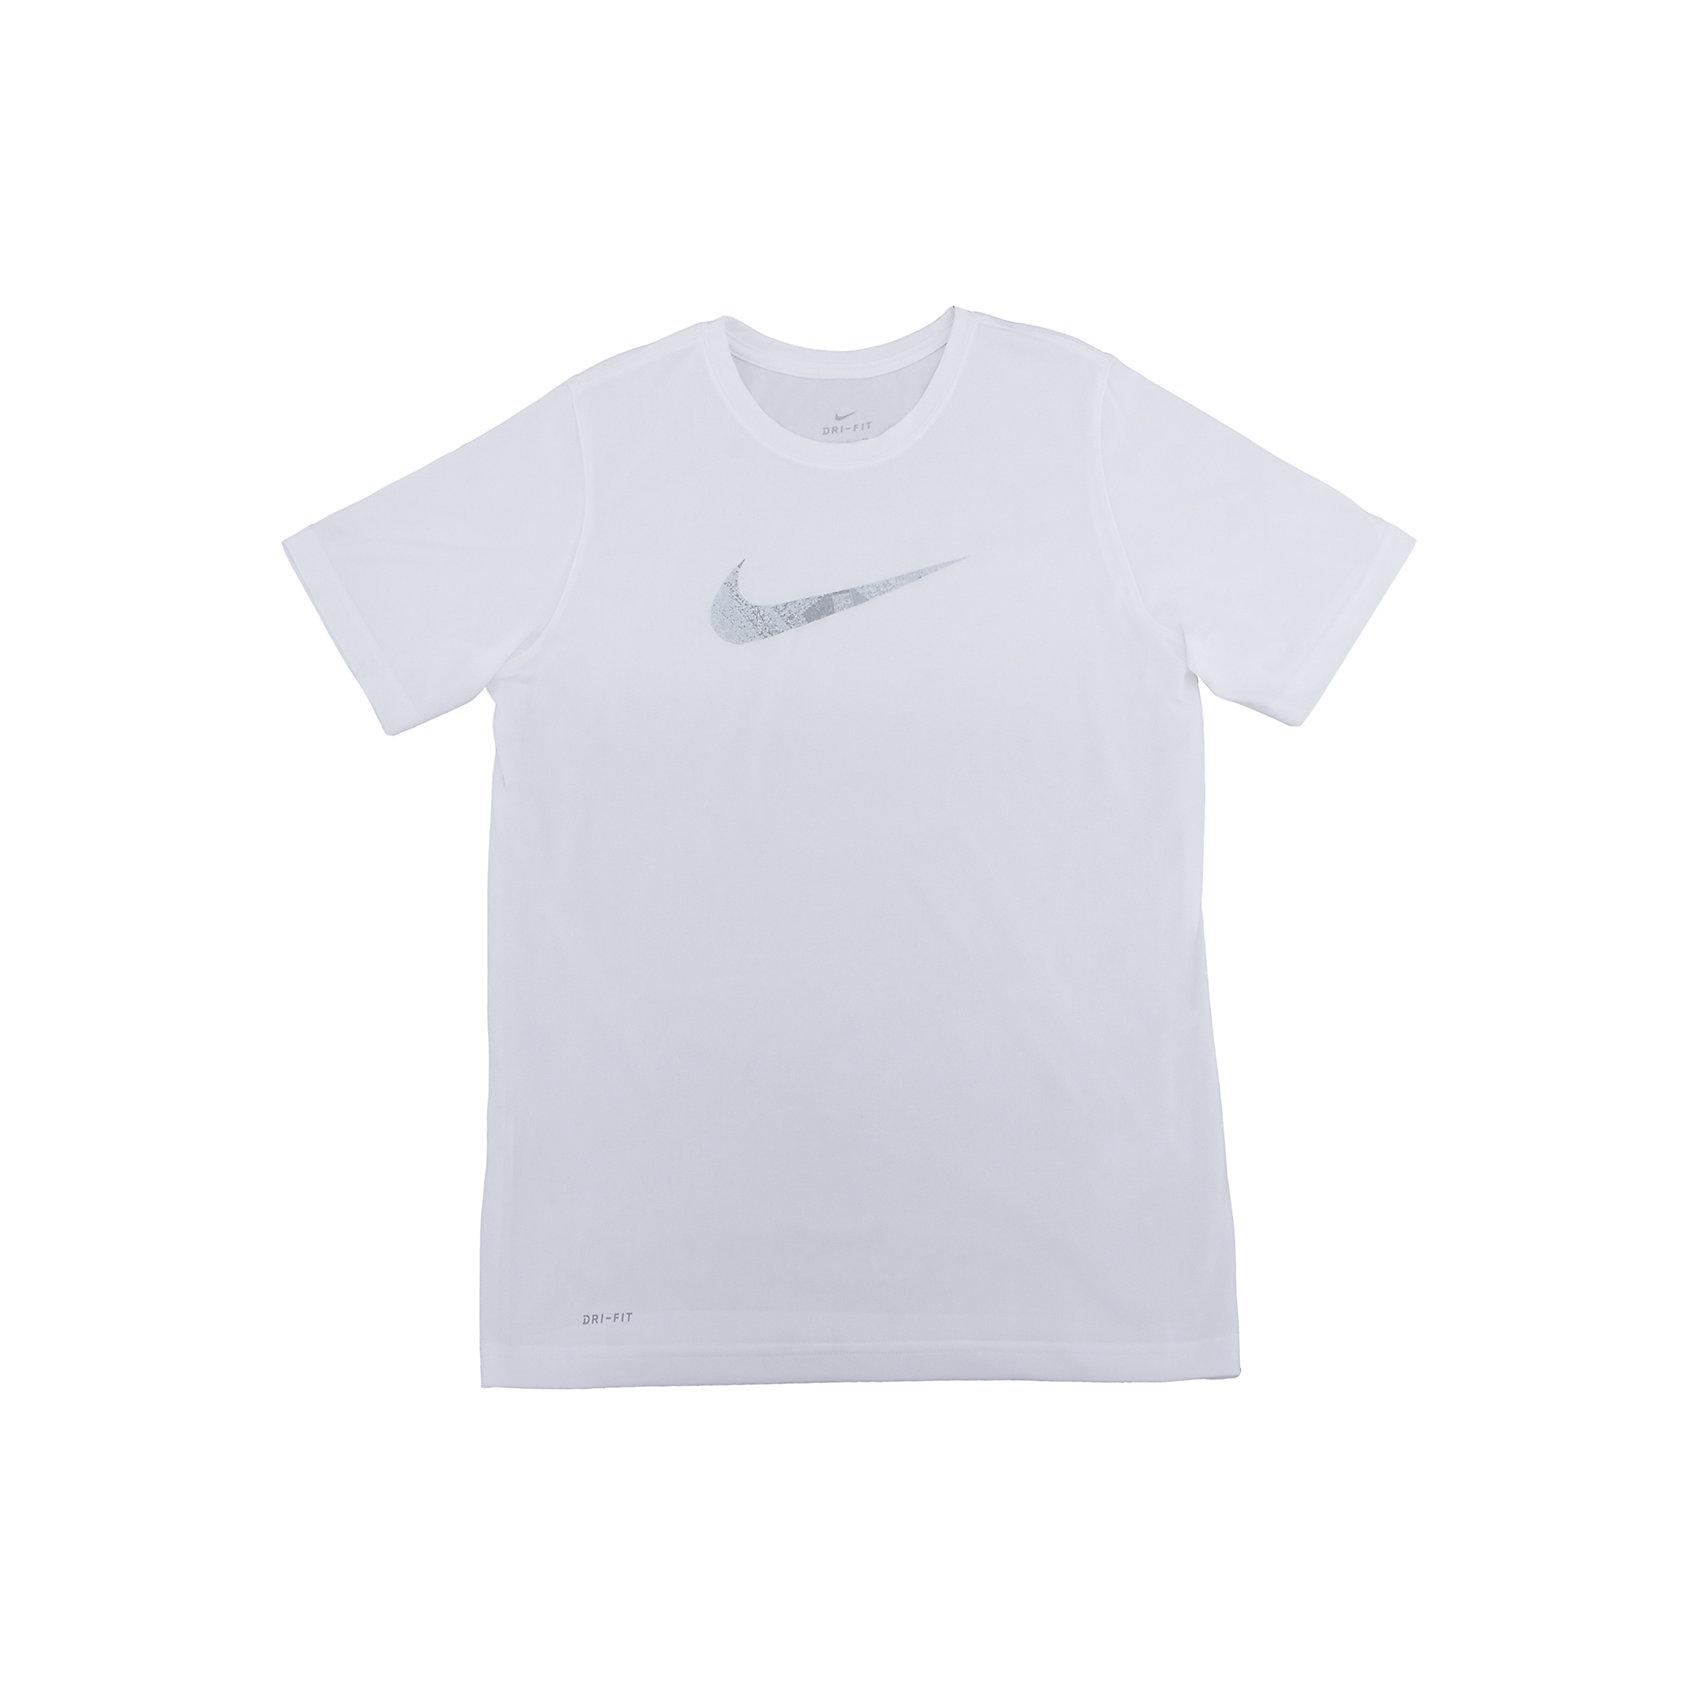 Футболка NIKEСпортивная форма<br>Характеристики товара:<br><br>• цвет: белый<br>• состав ткани: 100% полиэстер<br>• сезон: лето<br>• особенности модели: спортивный стиль<br>• технология: Dri-FIT<br>• короткие рукава<br>• страна бренда: США<br>• страна изготовитель: Китай<br><br>Белая футболка Найк с влагоотводящей технологией Dri-FIT отличается мягкой и плотной обработкой горловины и рукавов. Спортивная футболка Nike выделяется стильным и продуманным дизайном. Такая футболка от Nike может выступать в роли тренировочной одежды. Эта модель детской футболки поможет обеспечить ребенку комфорт. <br><br>Футболку Nike (Найк) можно купить в нашем интернет-магазине.<br><br>Ширина мм: 199<br>Глубина мм: 10<br>Высота мм: 161<br>Вес г: 151<br>Цвет: белый<br>Возраст от месяцев: 168<br>Возраст до месяцев: 180<br>Пол: Унисекс<br>Возраст: Детский<br>Размер: 158/170,147/158,135/140,128/134,122/128<br>SKU: 6921361